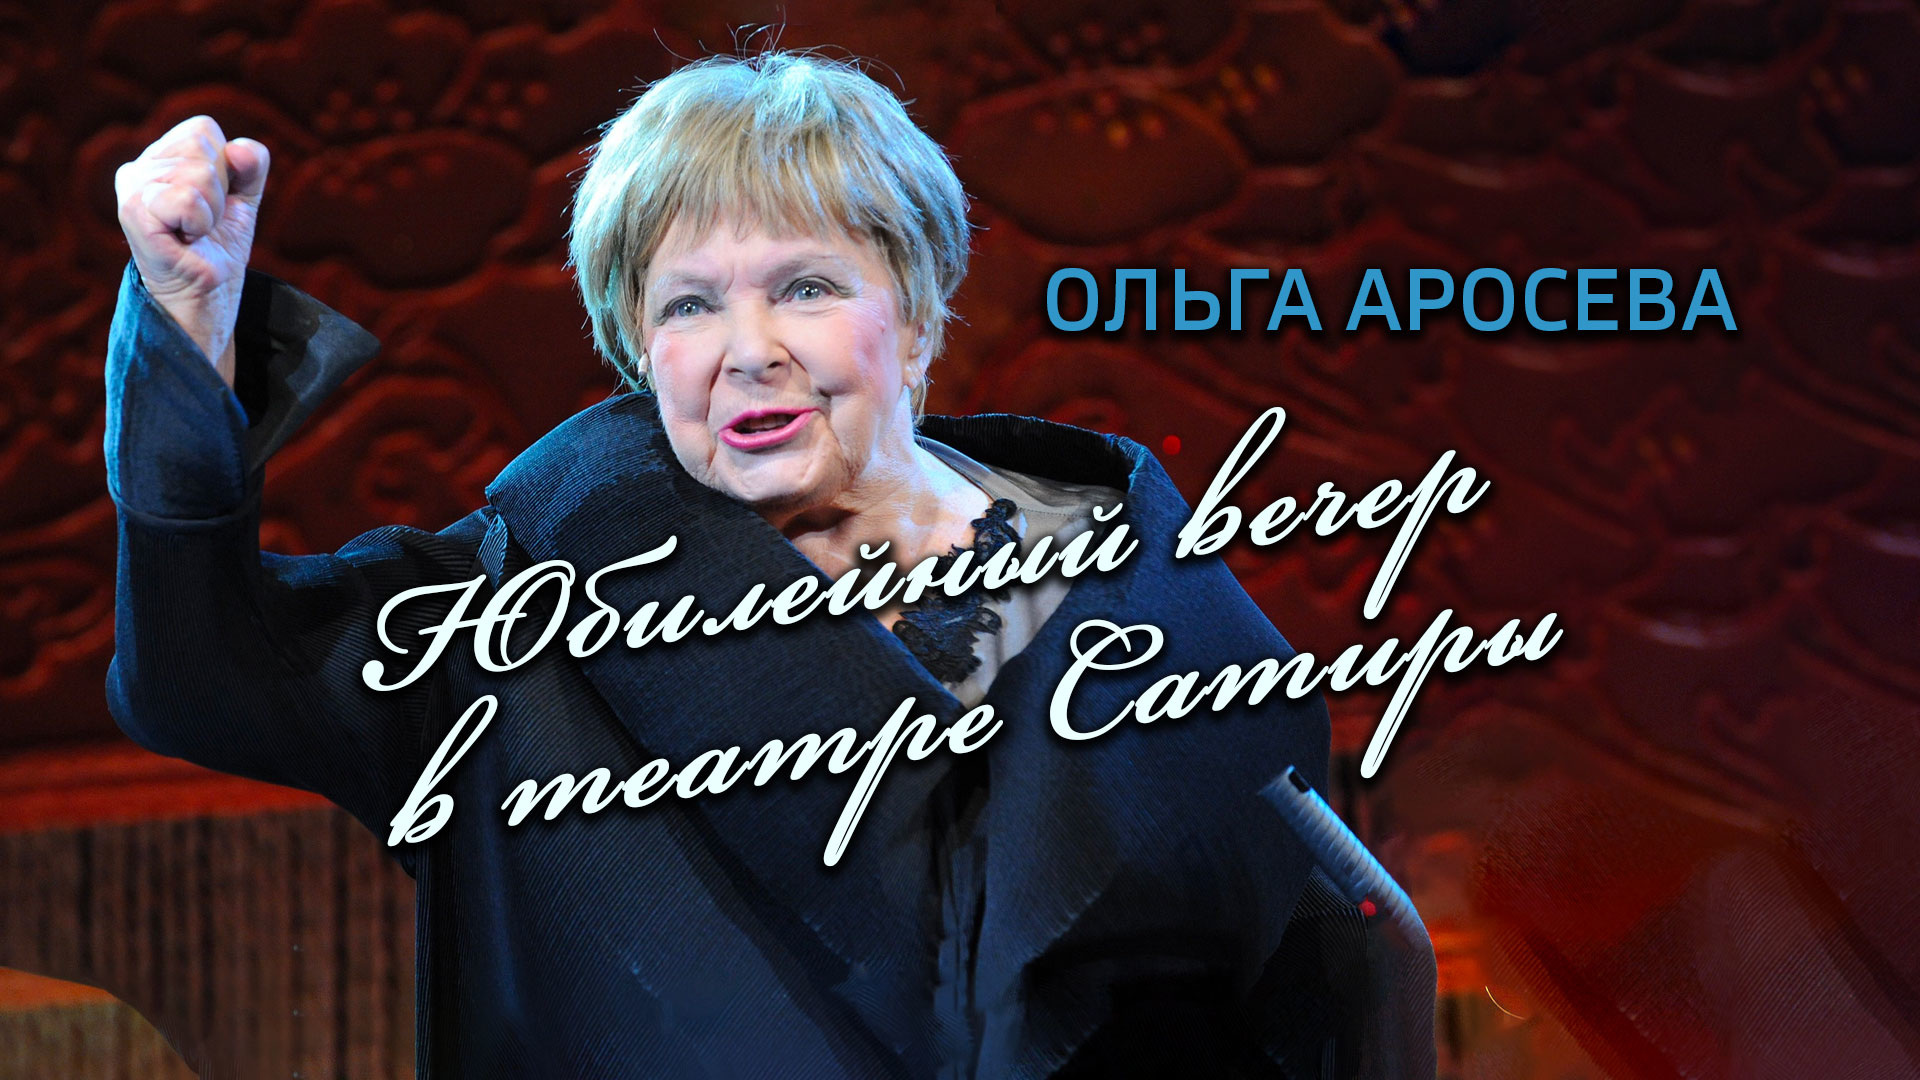 Ольга Аросева. Юбилейный вечер в театре Сатиры